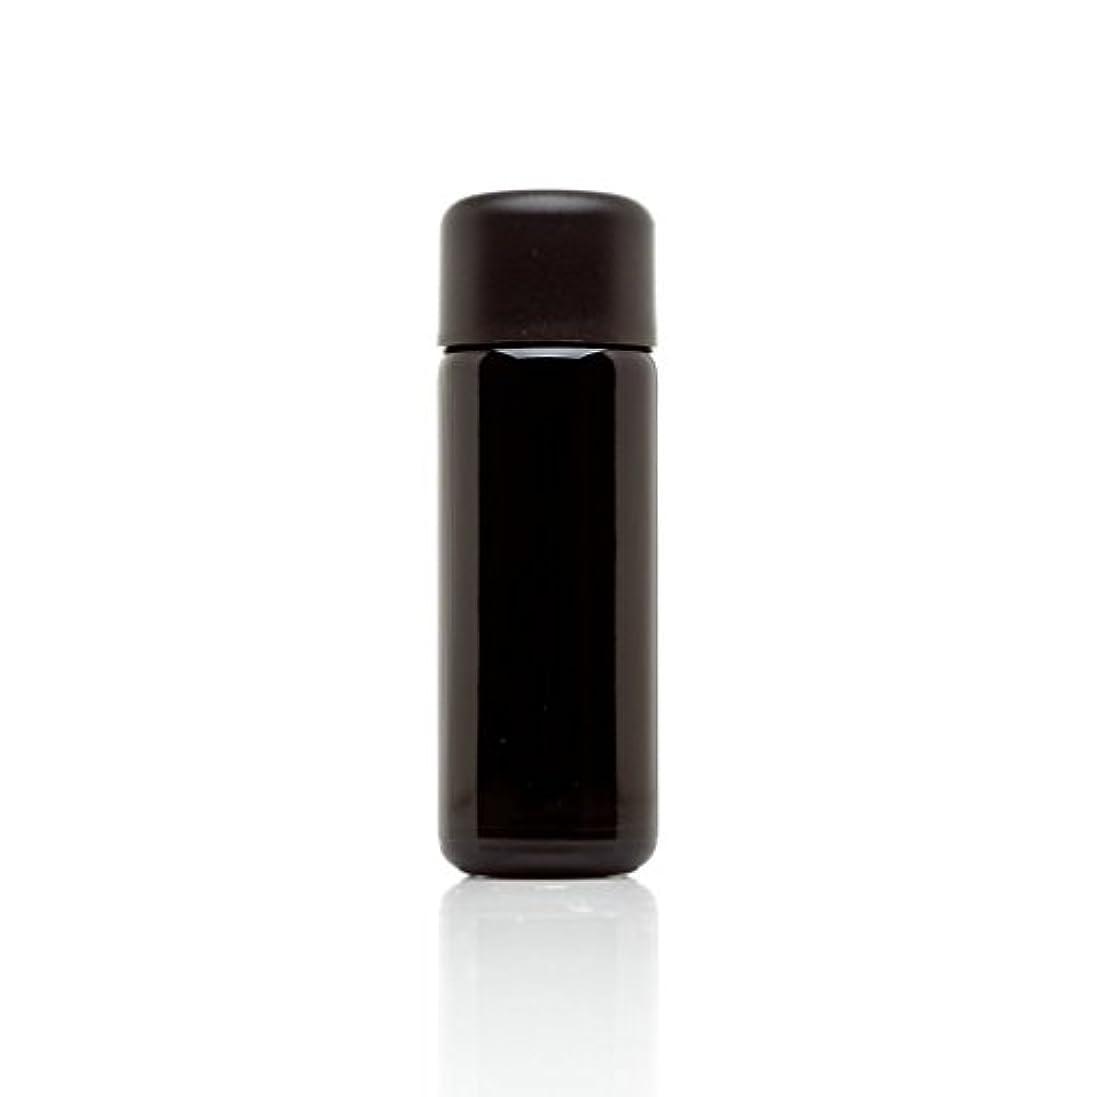 噴火超音速全能infinity Jars 50 ml (1.7 FL OZ) ブラック紫外線ガラスSlow Pourボトル